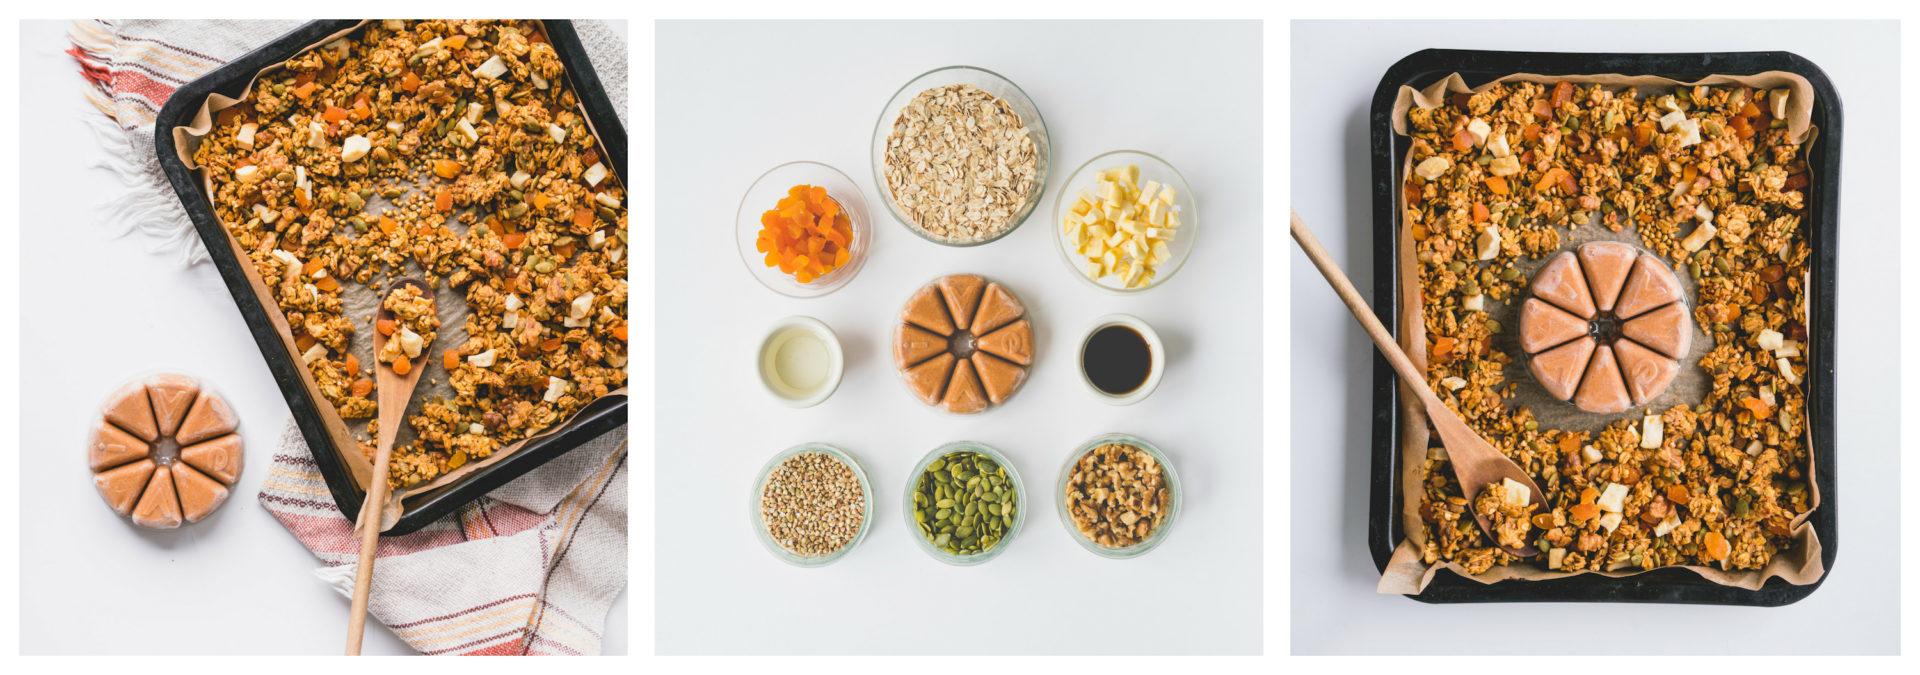 Le résultat final pour le recette de granola maison santé